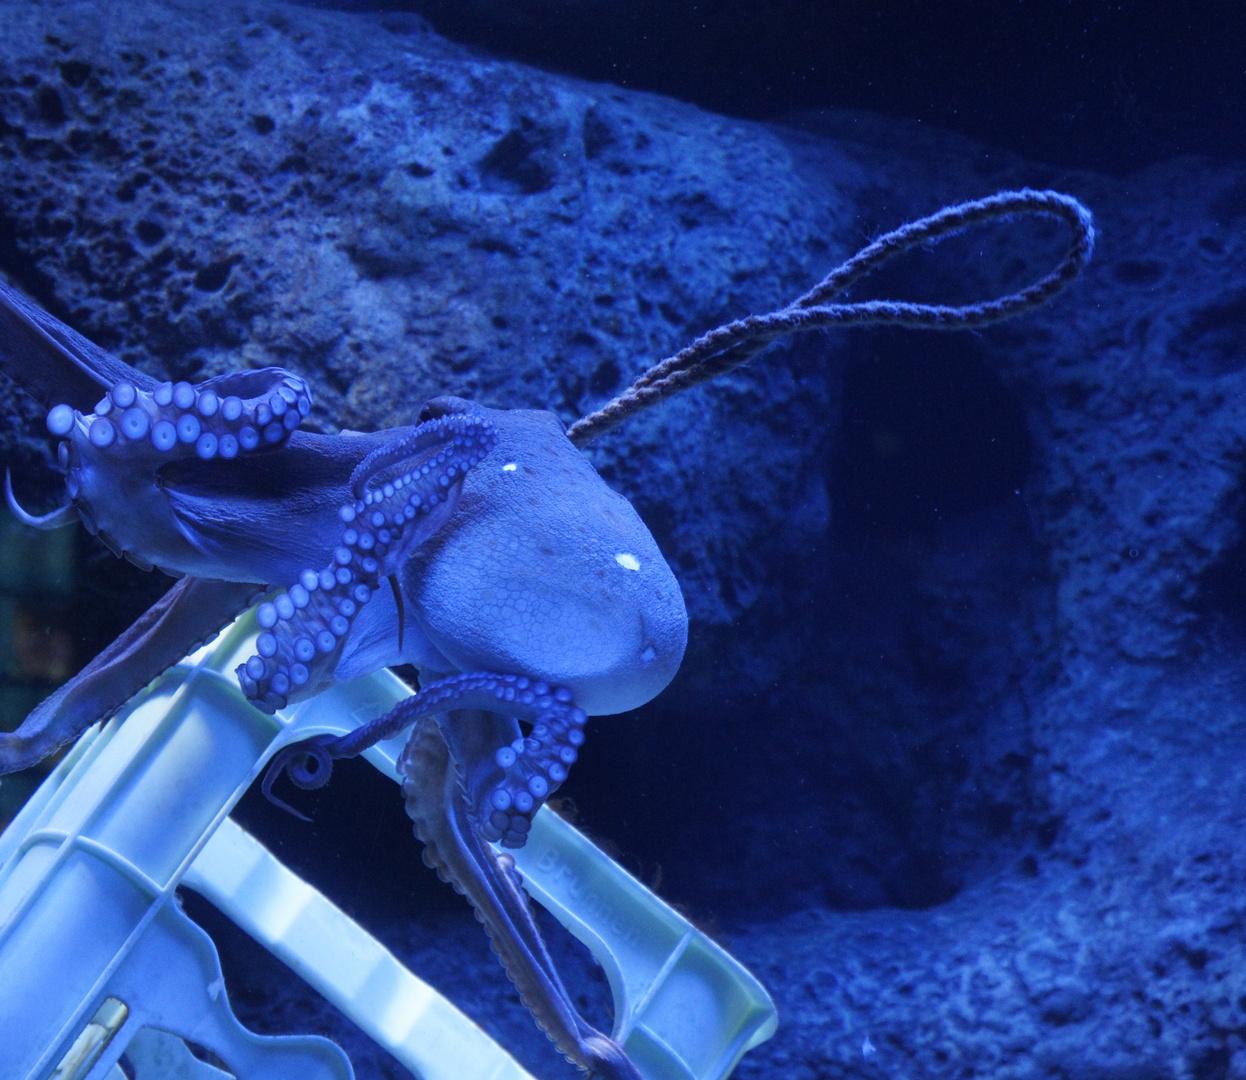 Ein höchst faszinierendes Tier - Zoo am Meer,Bremerhaven